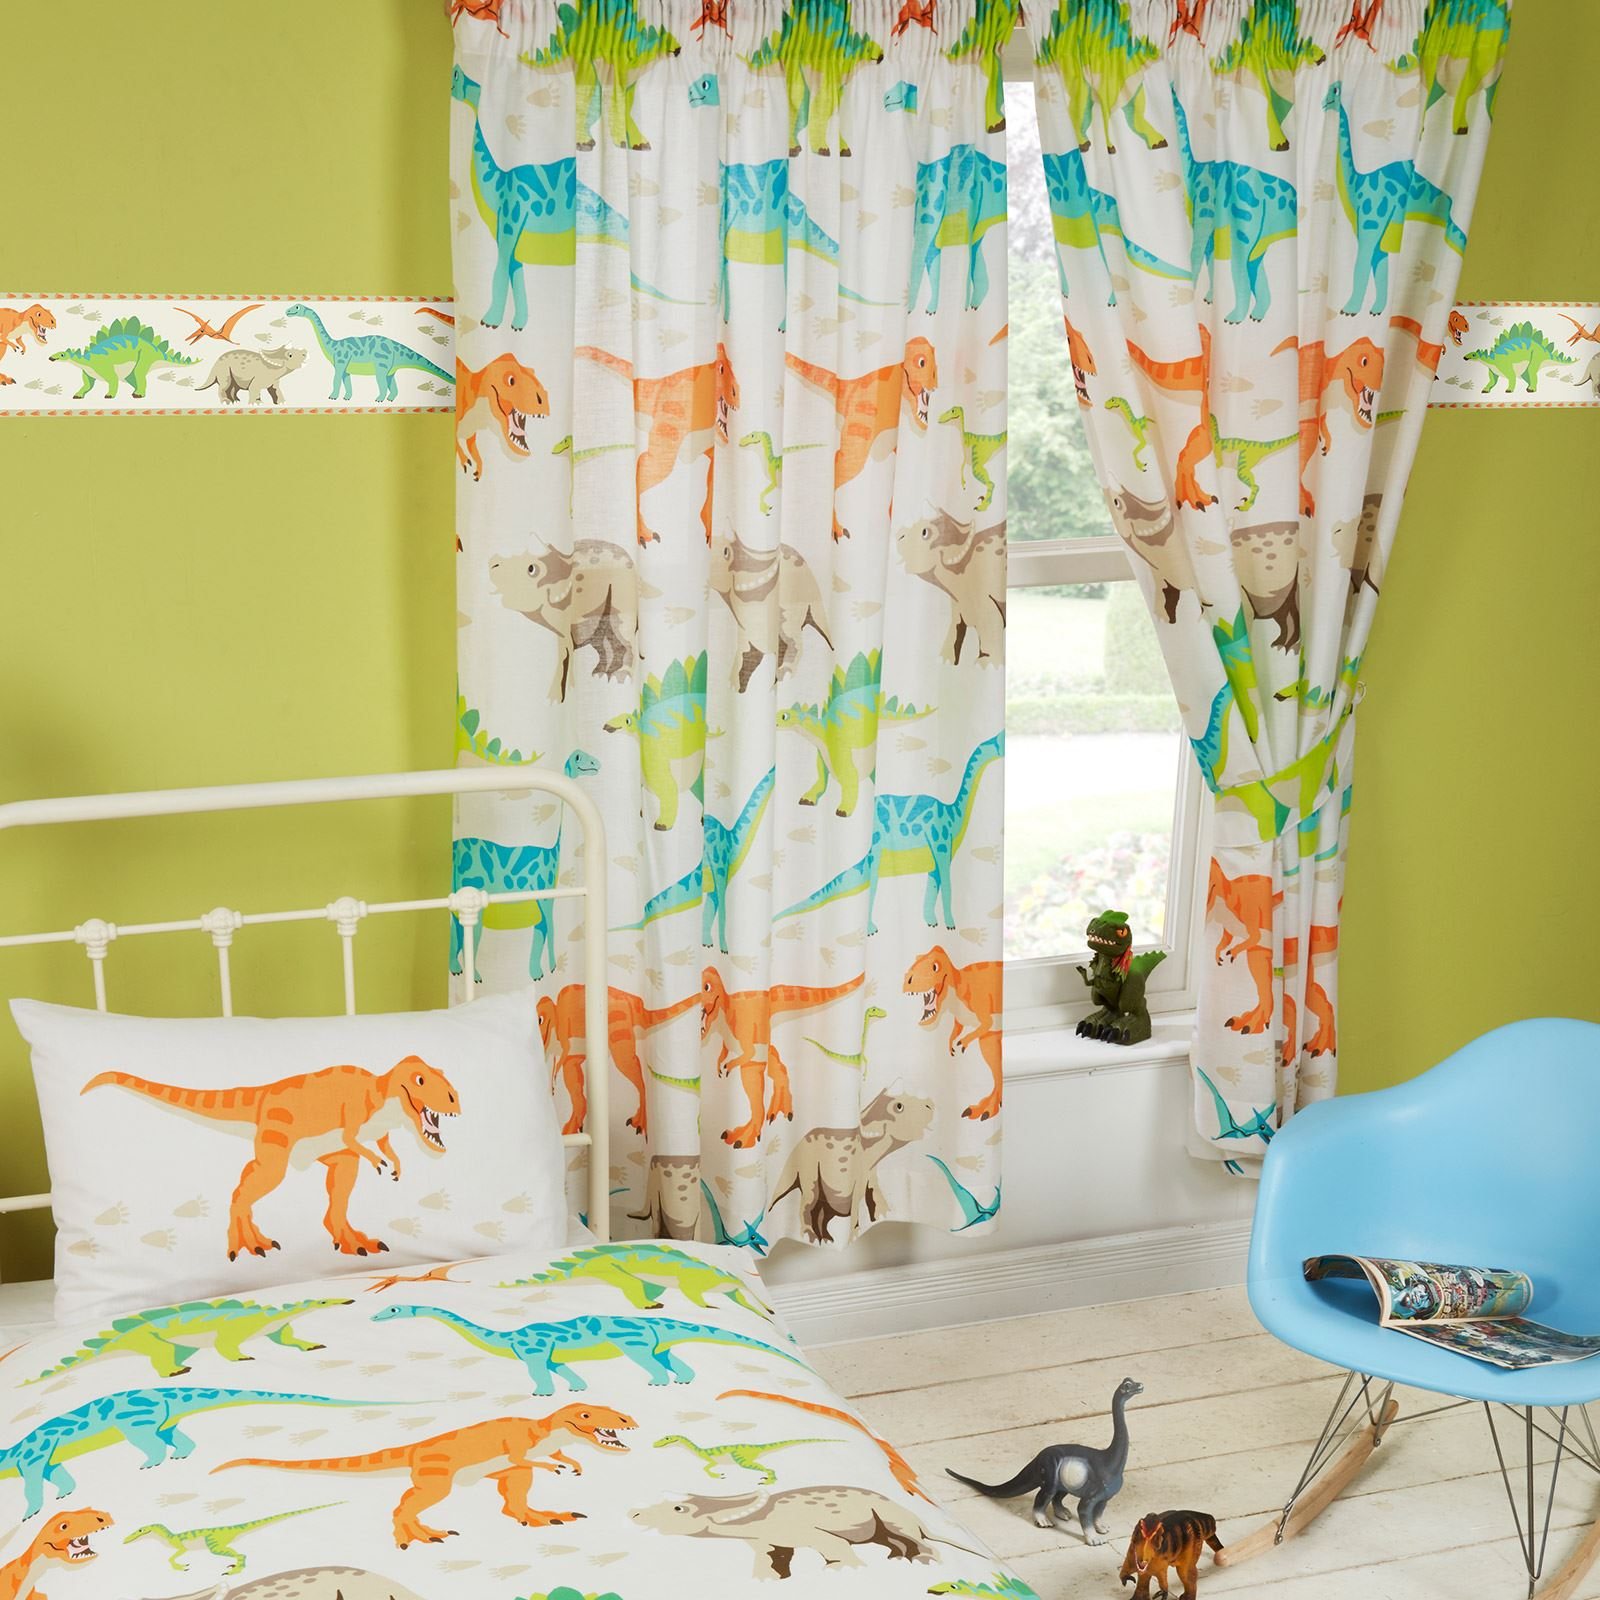 Дизайн штор для детской комнаты с динозаврами